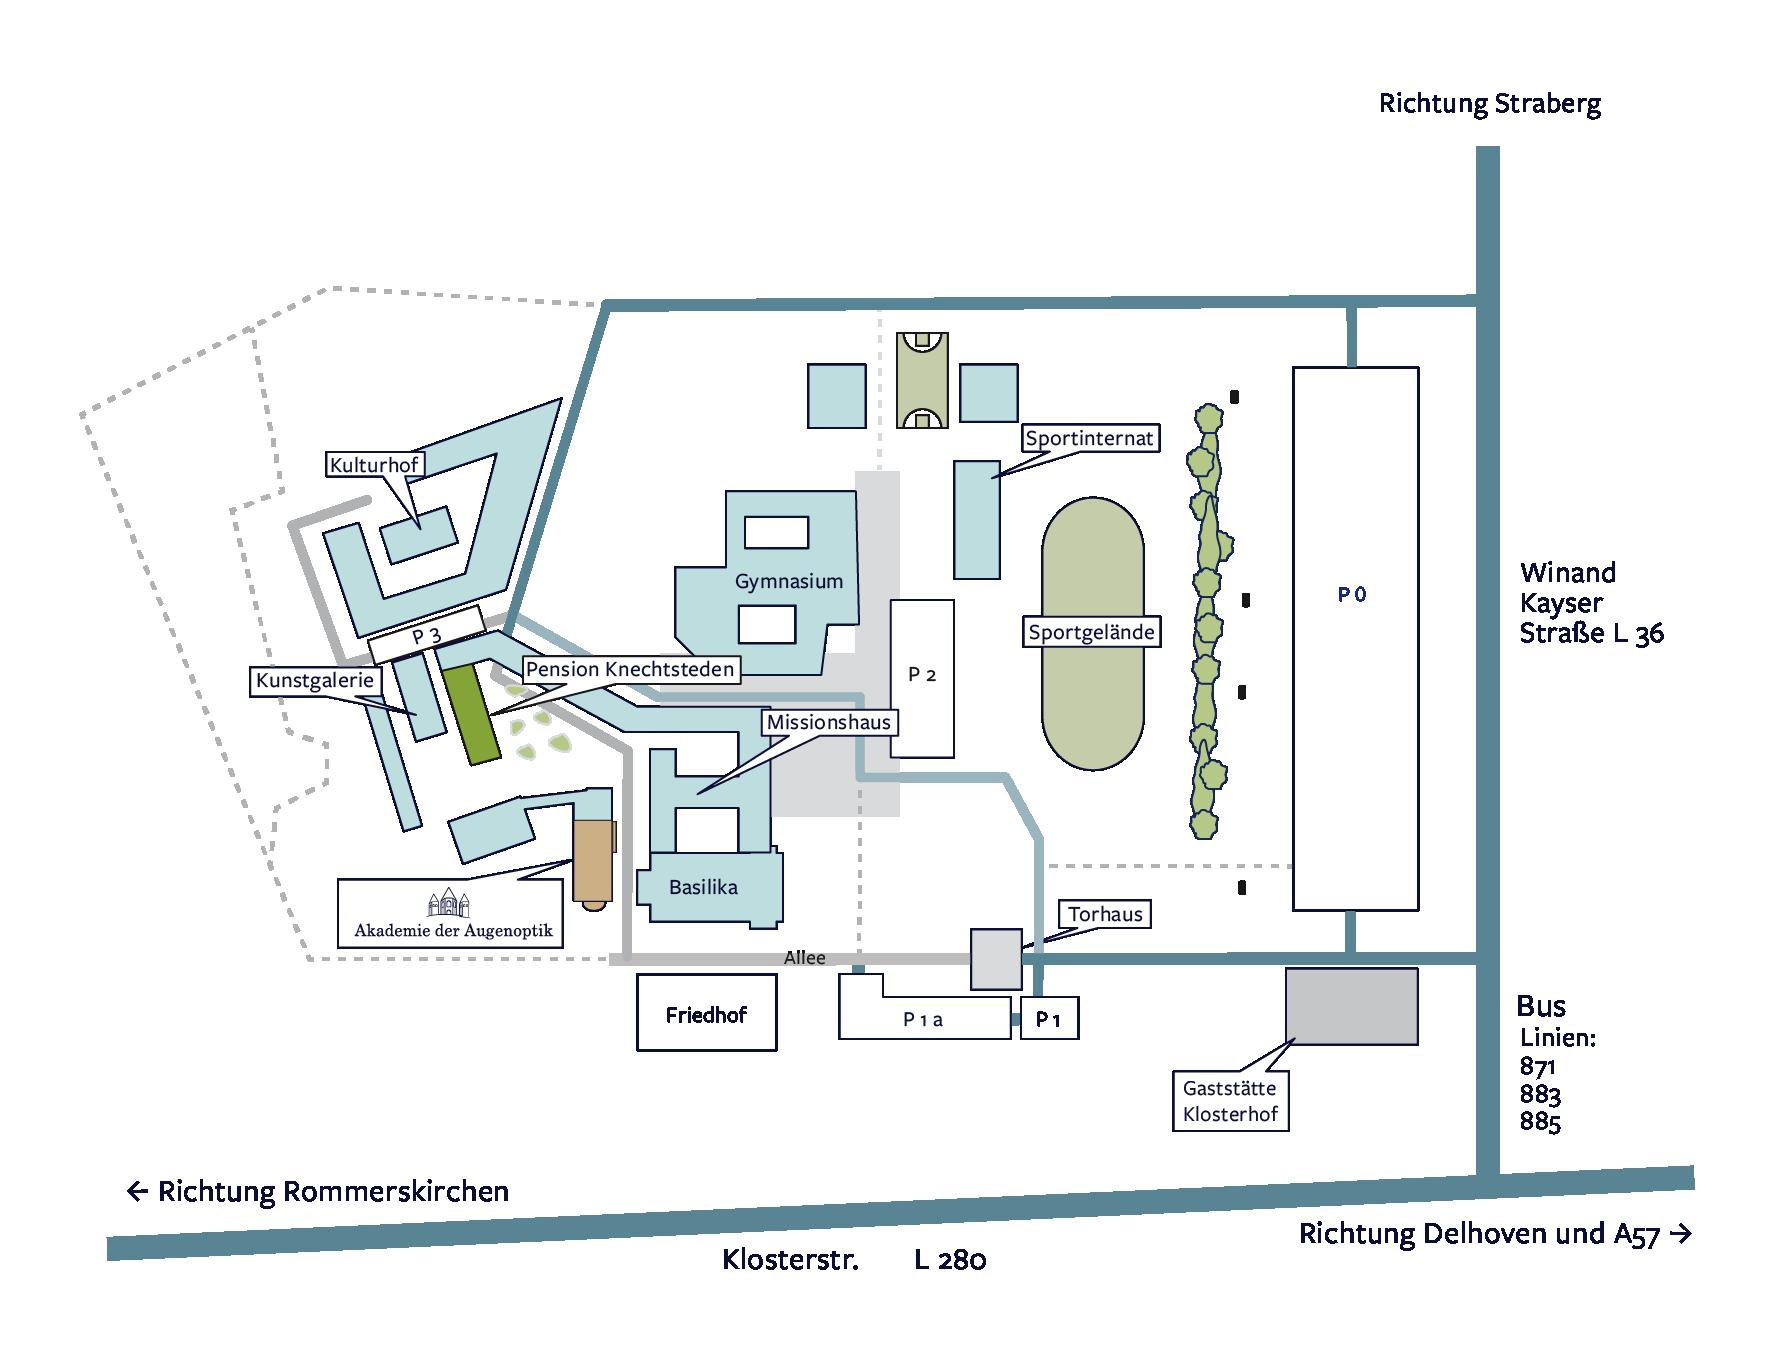 Übersichtsplan Dormagen Knechtsteden ZVA Akademie Parken